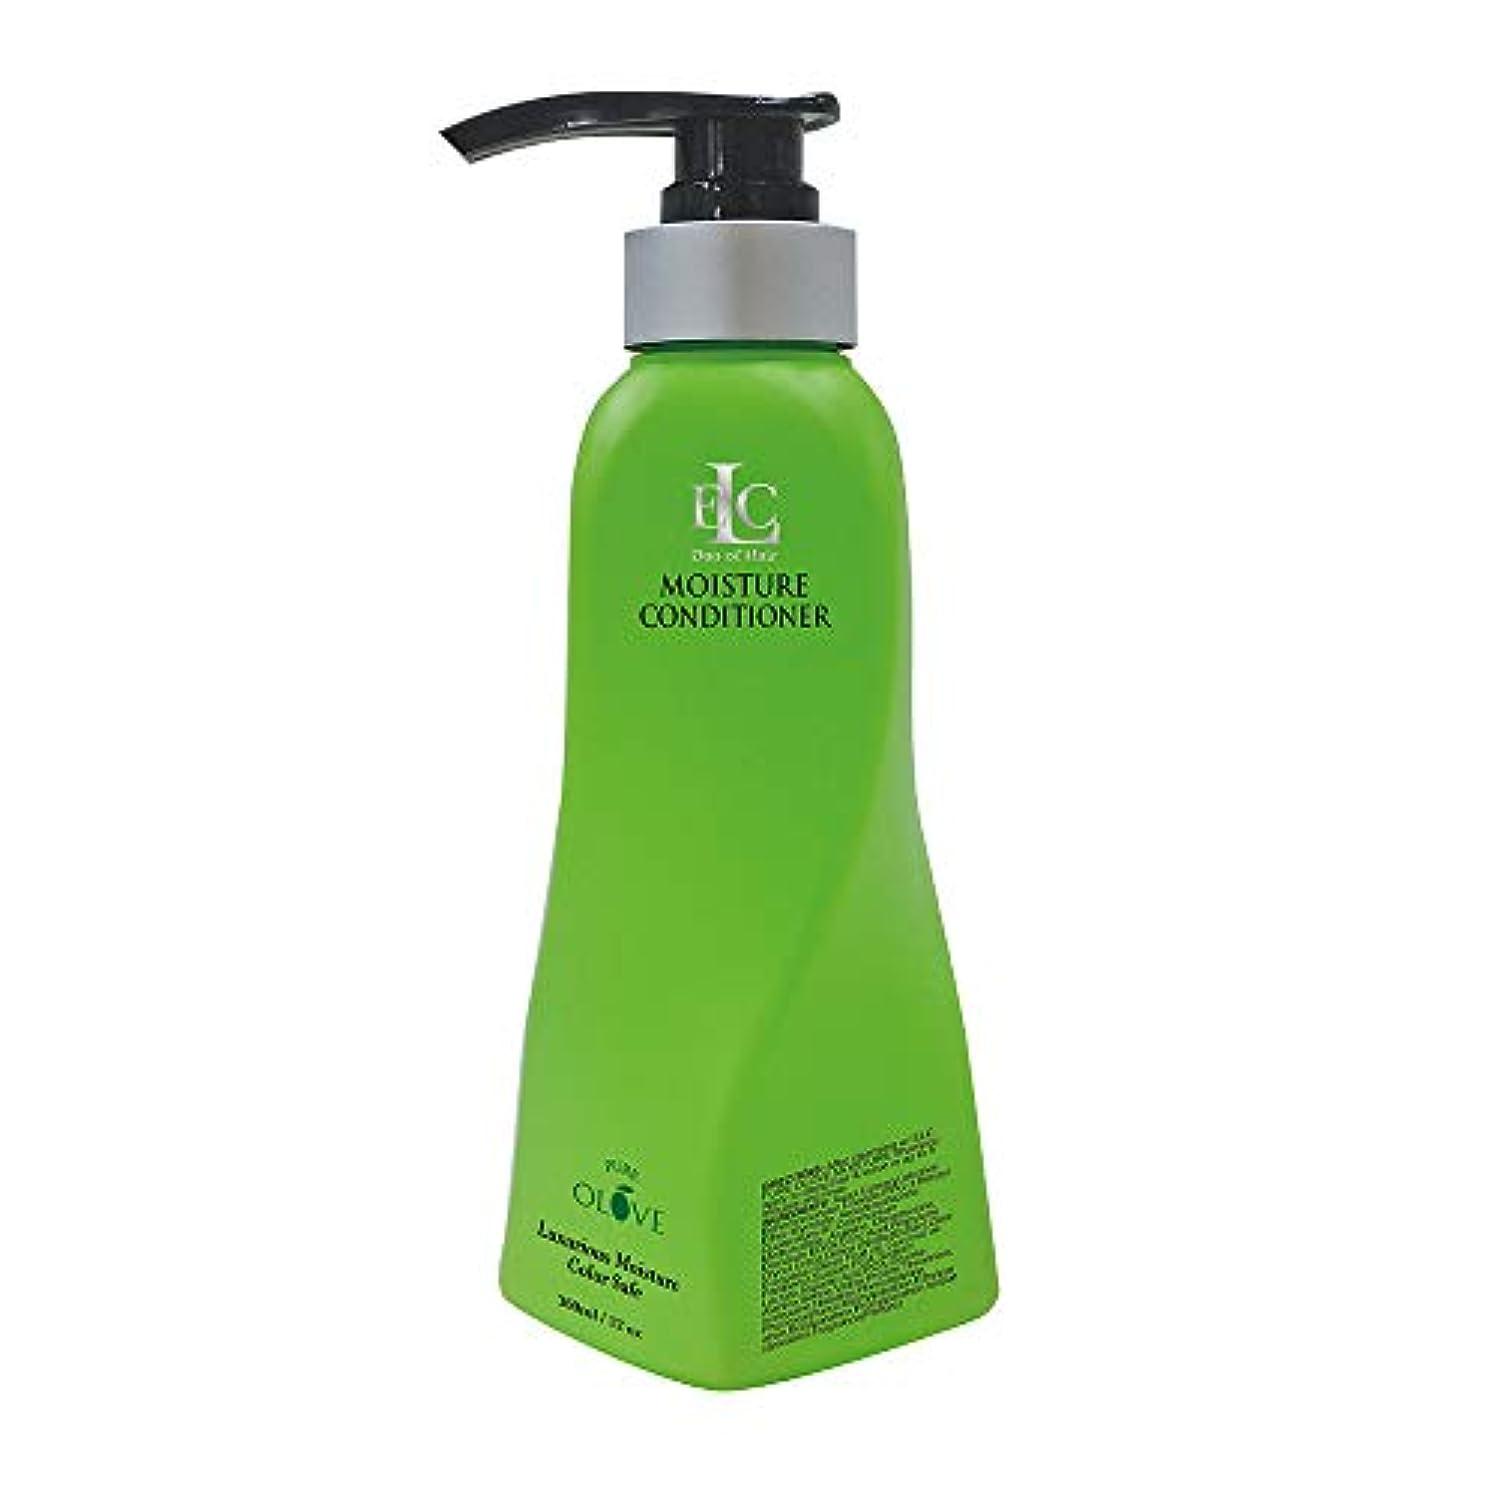 消費者買い手あなたはELC Dao of Hair ELCピュアOloveモイスチャライジングコンディショナー - モイスチャーリッチナチュラルボタニカル&有機油は、栄養を与え、修理、強化、ドライ髪を再水和 12オンス